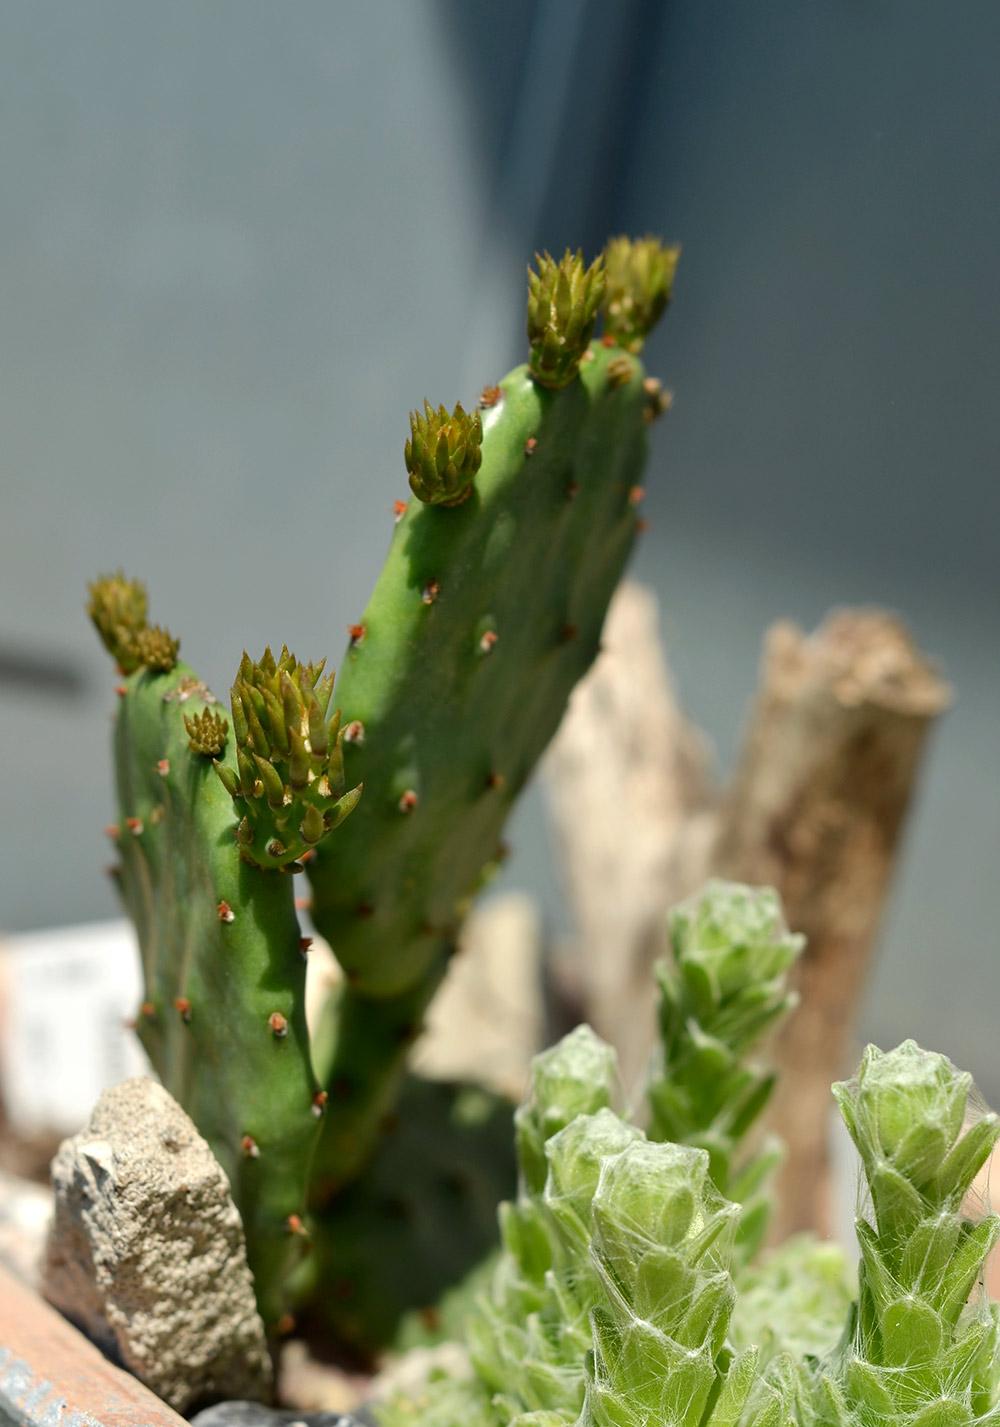 Kaktus auf dem Balkon: Opuntie, junge Triebe